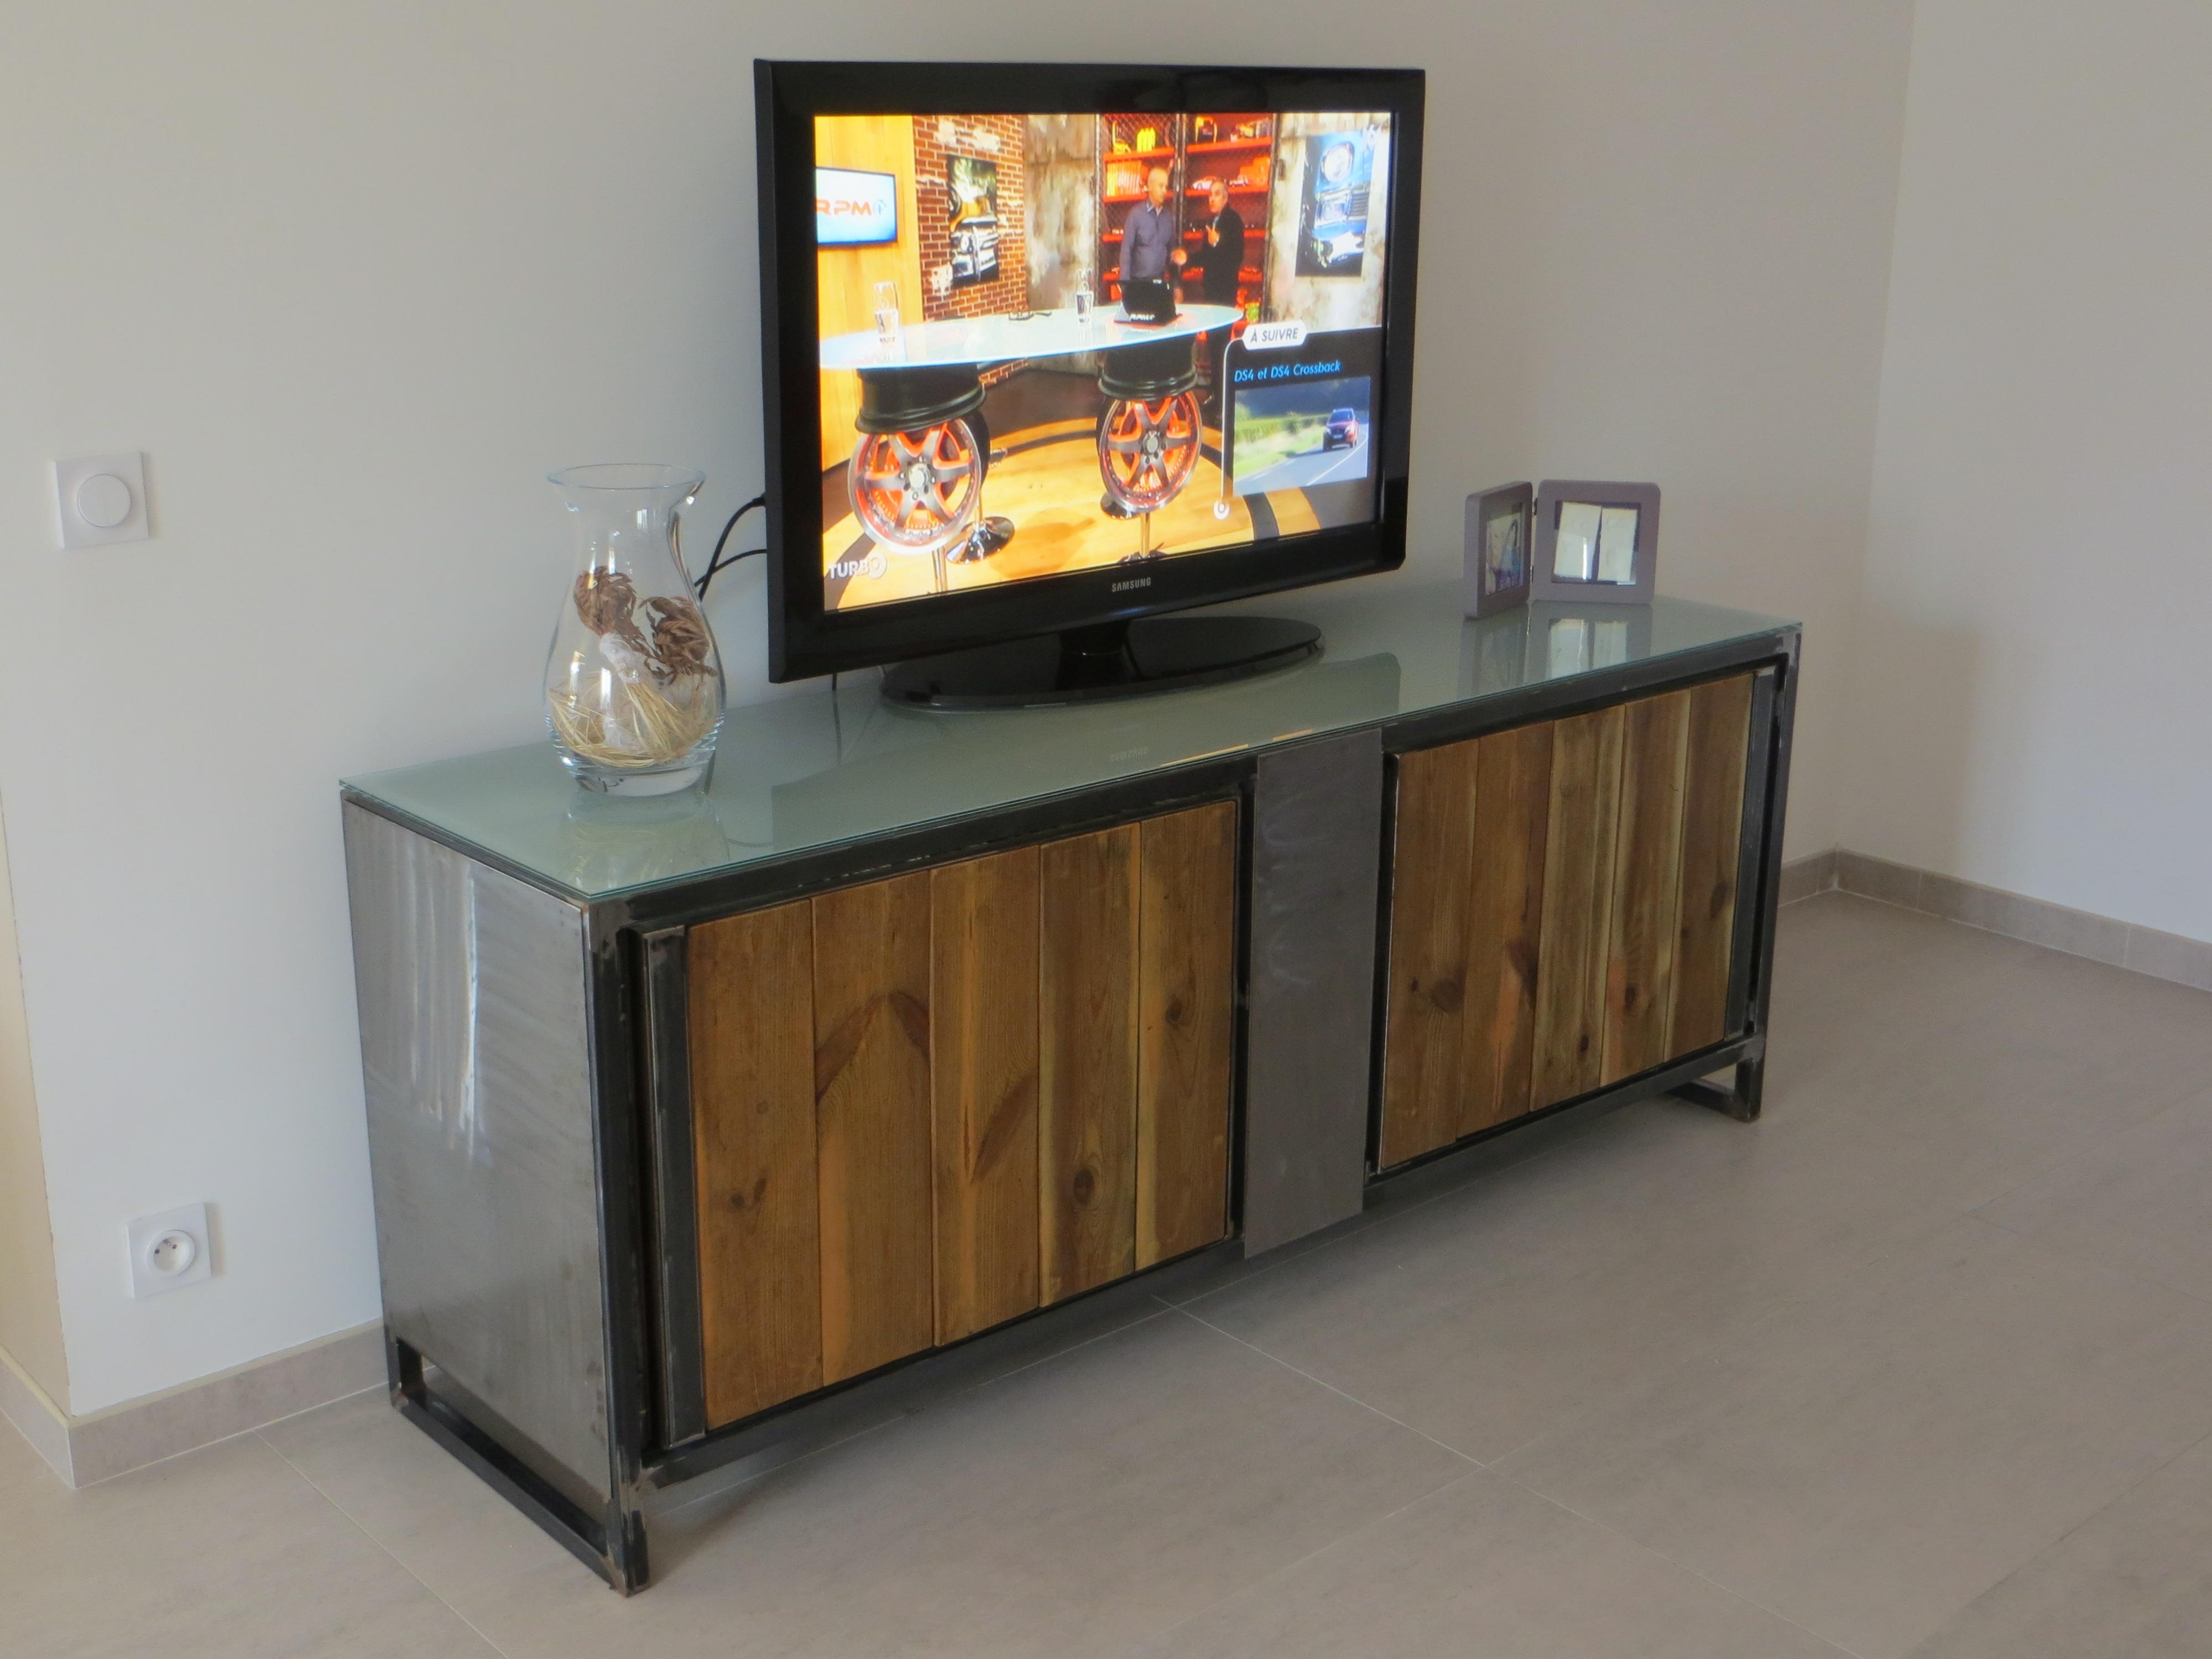 Meuble tv en fer bois et verre sfc ferr art for Meuble tv verre et bois